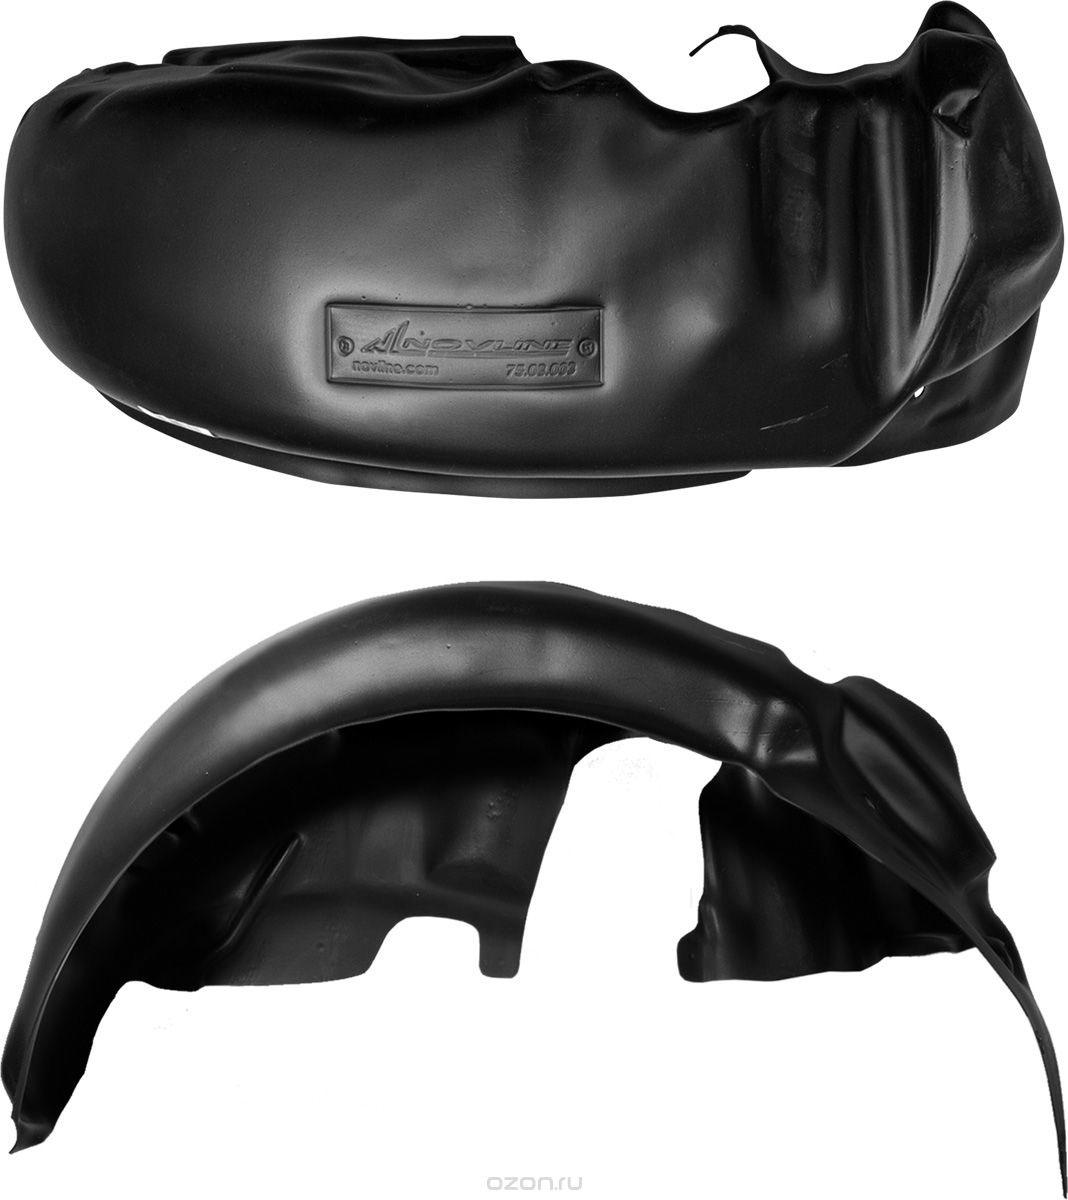 Подкрылок Novline-Autofamily, для CHERY Bоnus 3, A19, 2014->, передний левый44005003Идеальная защита колесной ниши. Локеры разработаны с применением цифровых технологий, гарантируют максимальную повторяемость поверхности арки. Изделия устанавливаются без нарушения лакокрасочного покрытия автомобиля, каждый подкрылок комплектуется крепежом. Уважаемые клиенты, обращаем ваше внимание, что фотографии на подкрылки универсальные и не отражают реальную форму изделия. При этом само изделие идет точно под размер указанного автомобиля.